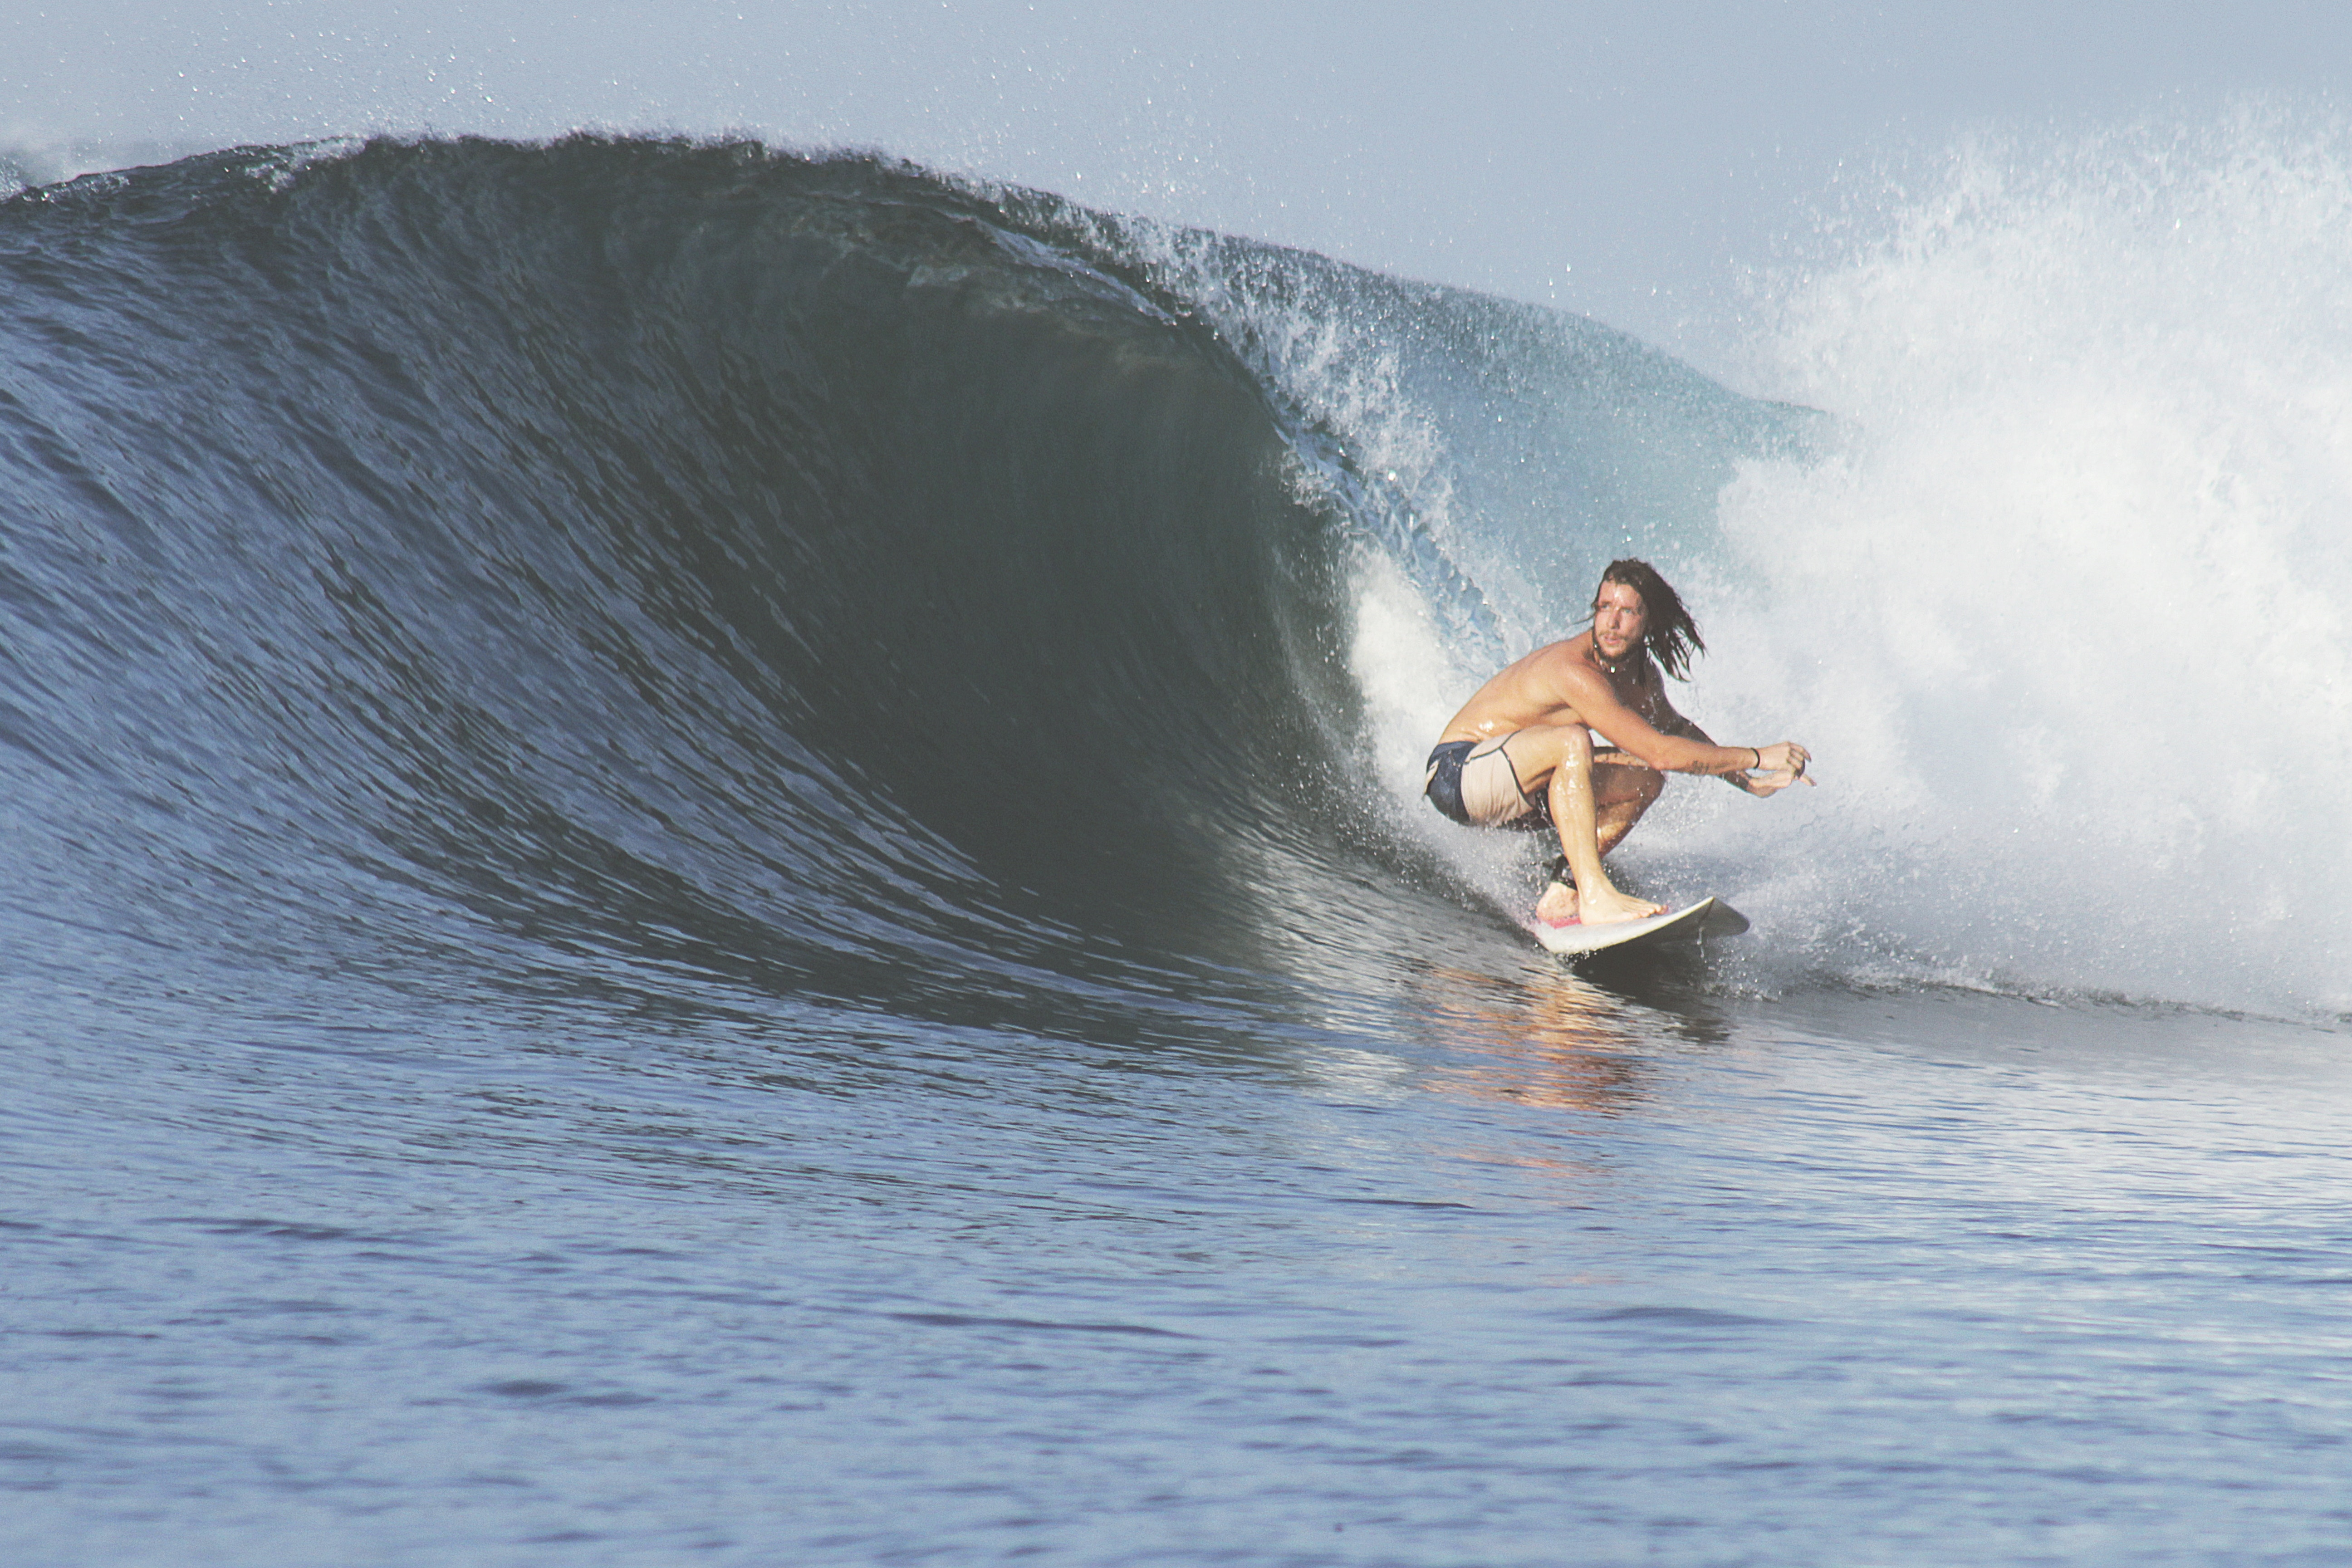 Cresce la comunità dei surfisti a Sanremo. A dimostrarlo sono le ultime iniziative nate sul territorio che promuovono una passione comune a tanti sanremesi e non solo. Il popolo dell'onda…